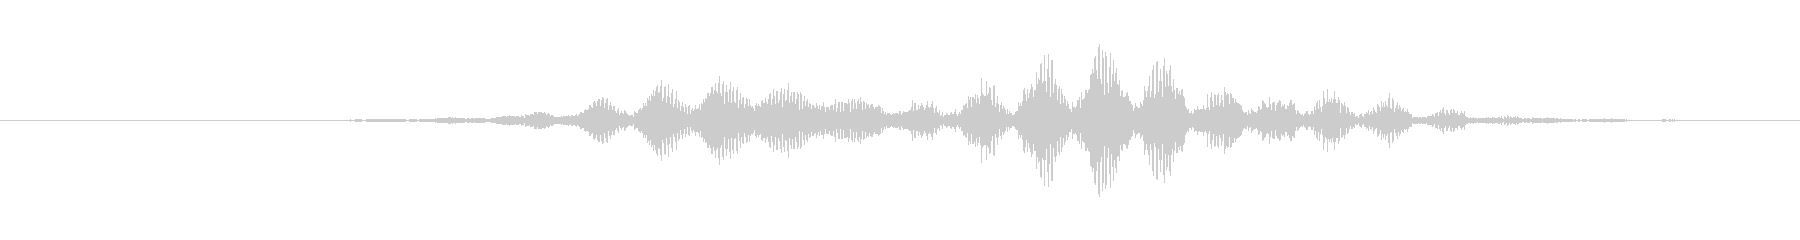 SCI FI タンブル01の未再生の波形